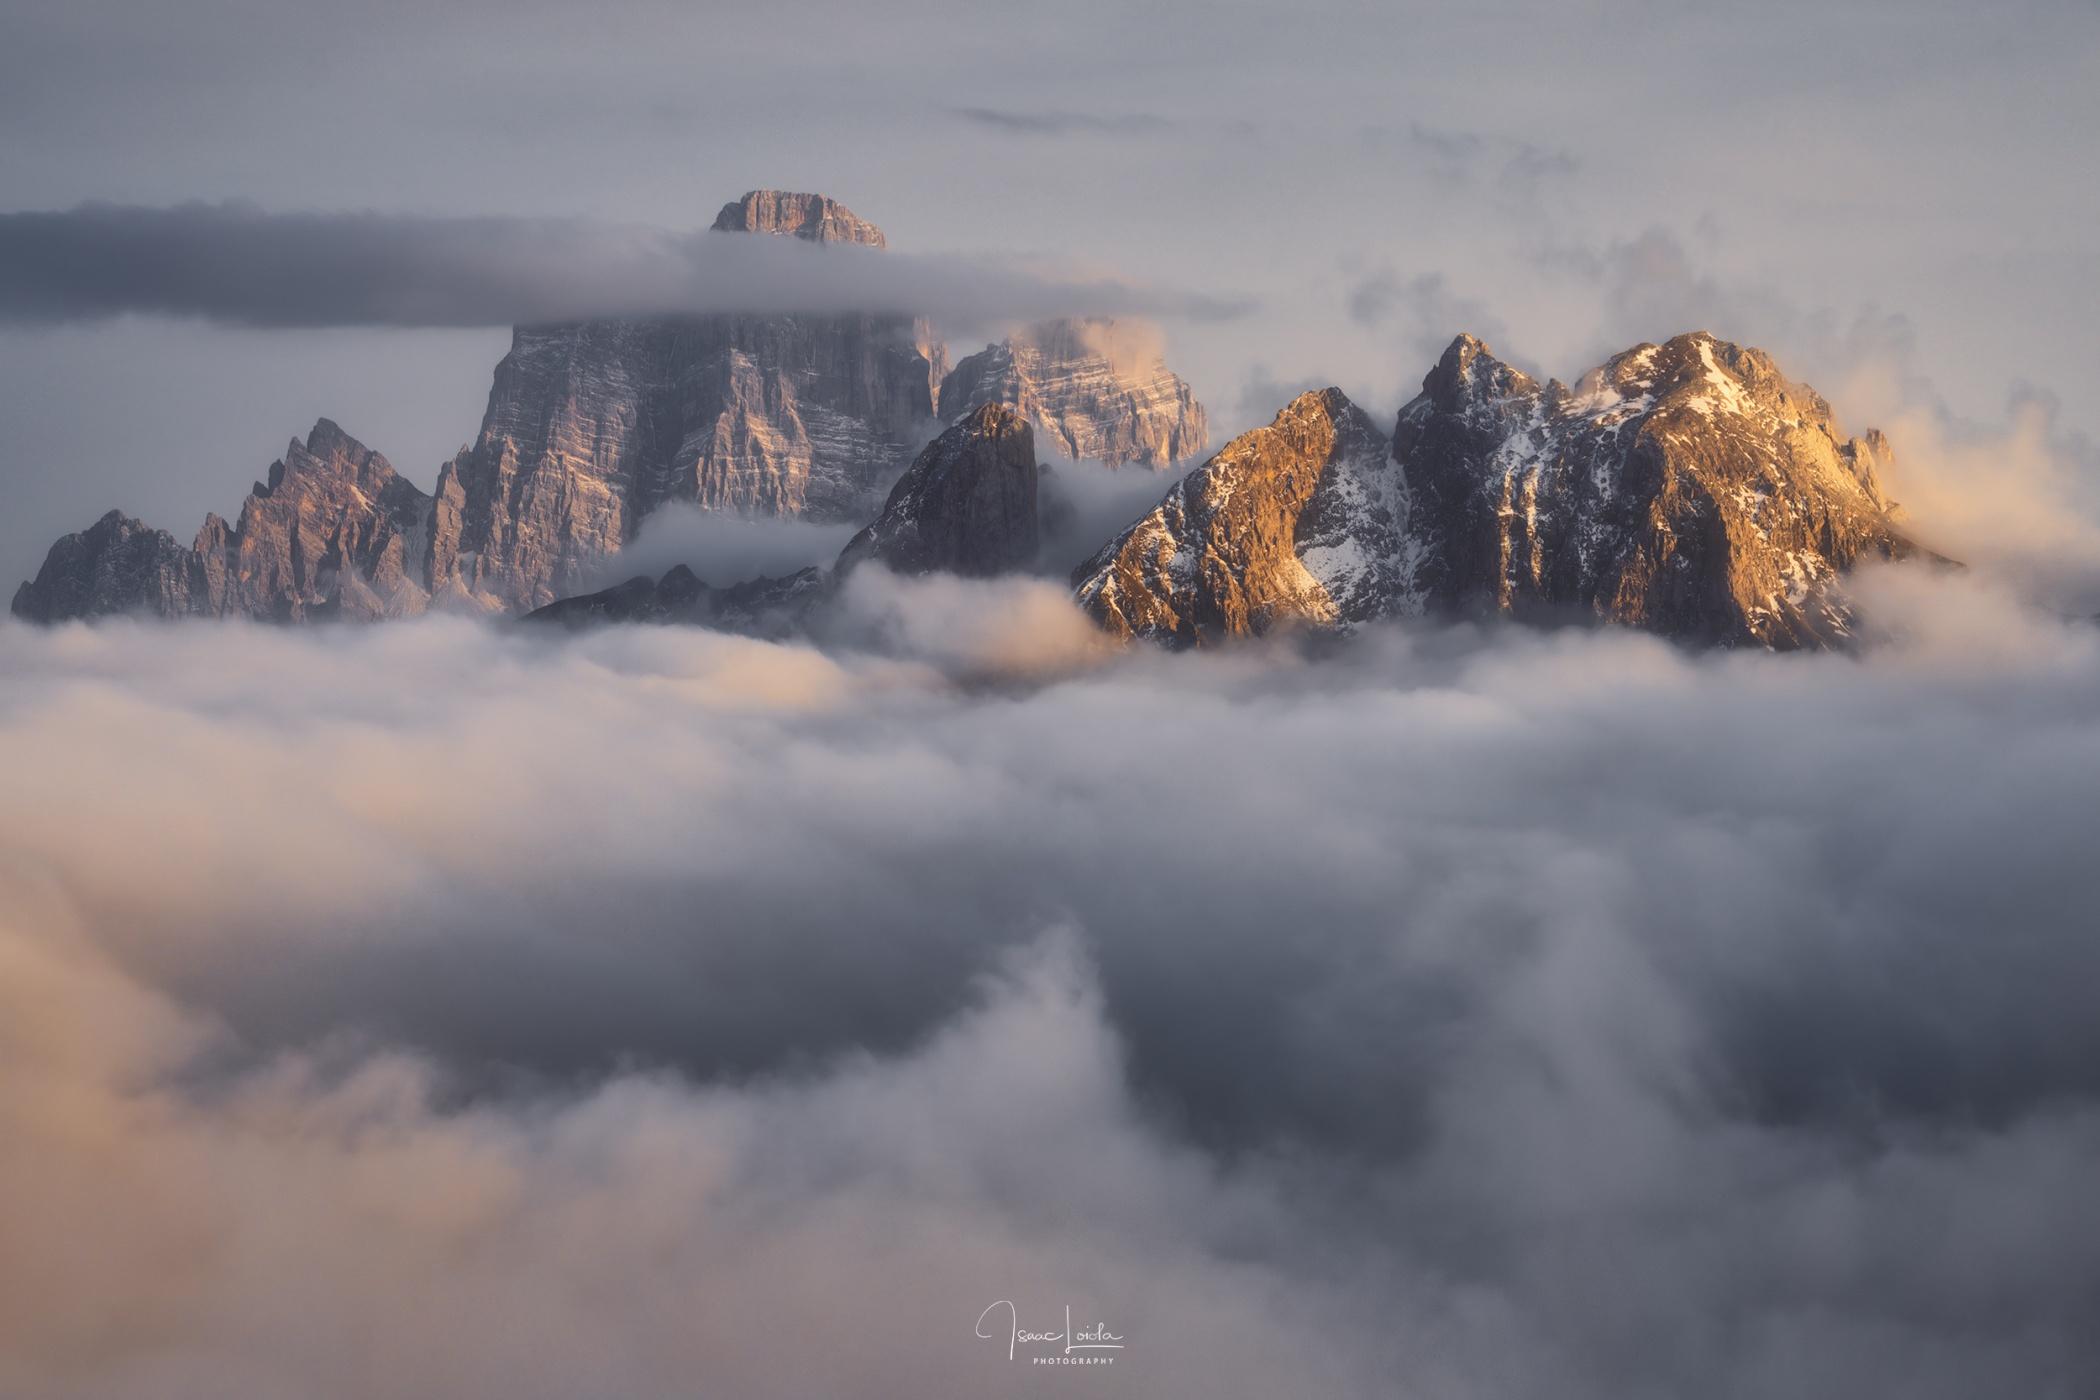 Monte Pelmo y Civetta - Mountain lights - Isaac Loiola, Photography